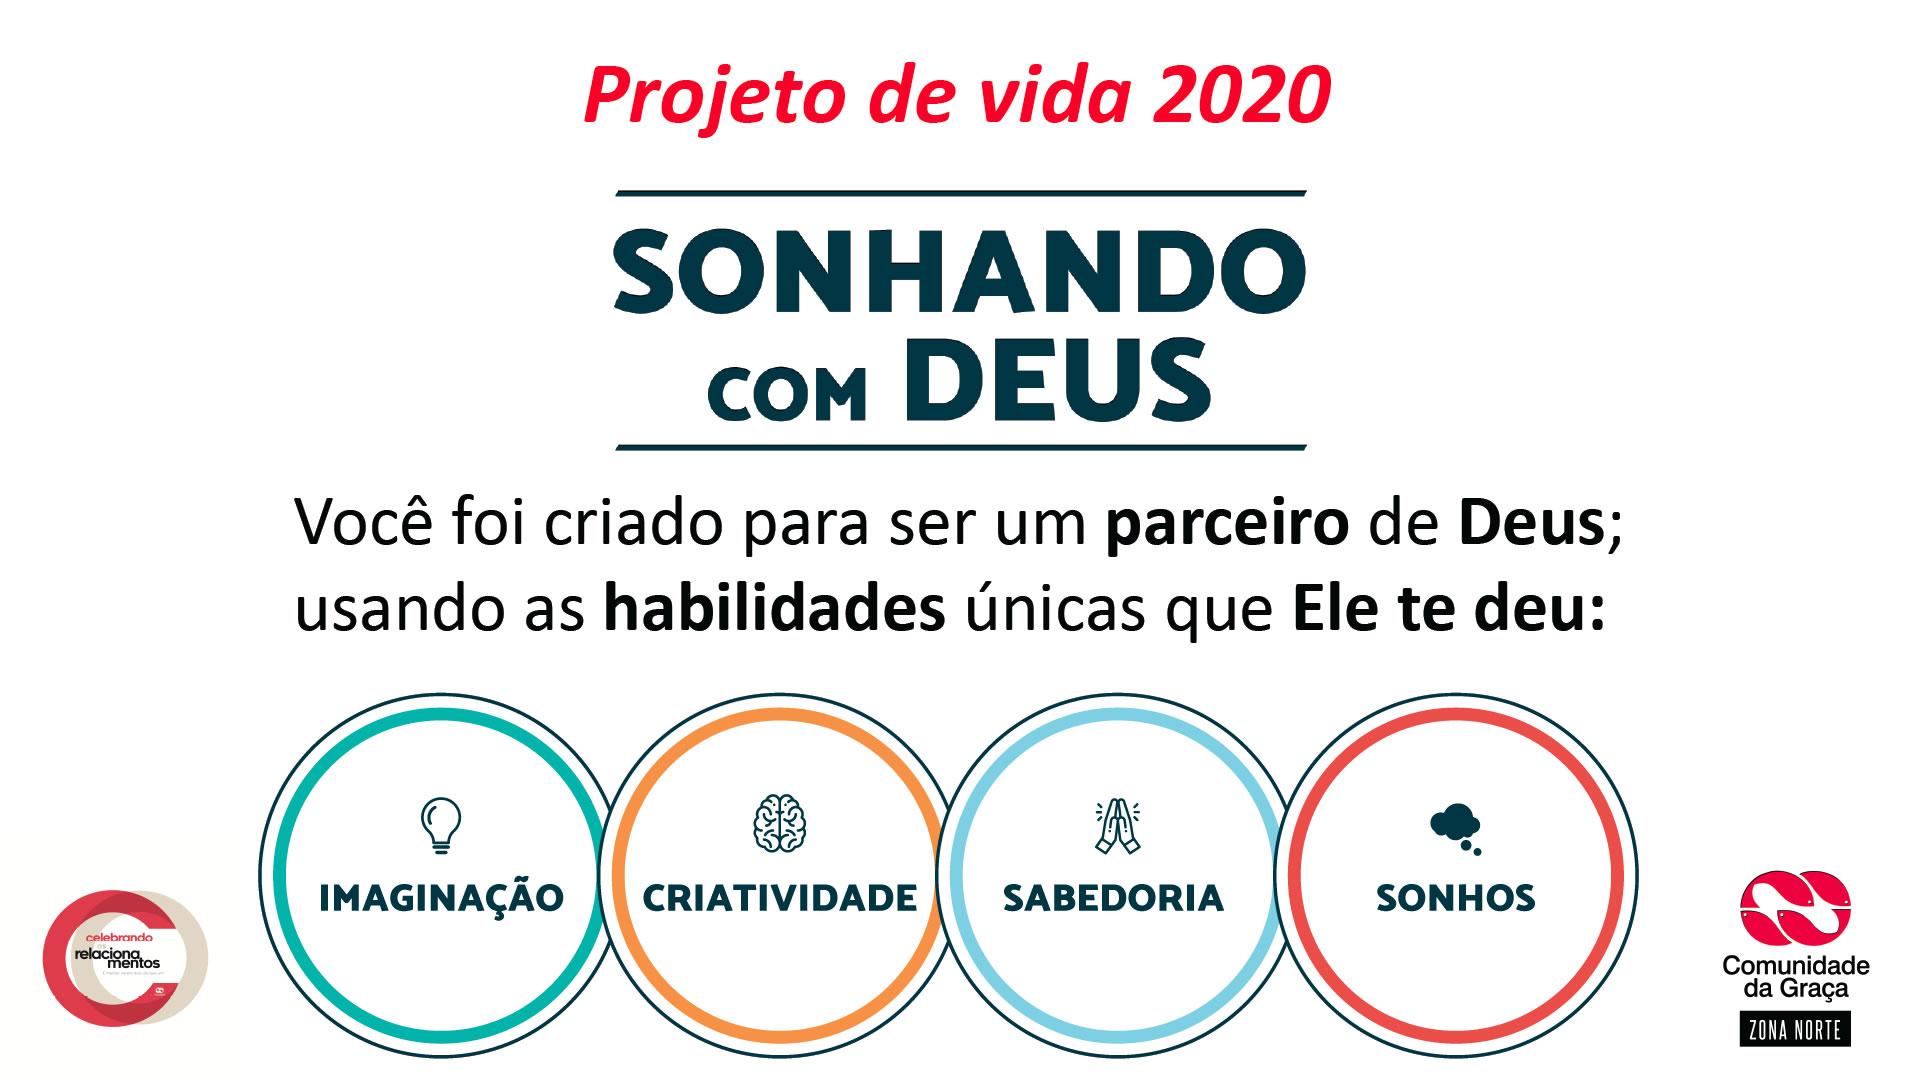 Slides do Culto – Projeto de Vida 2020 – Sonhando com Deus – Careira